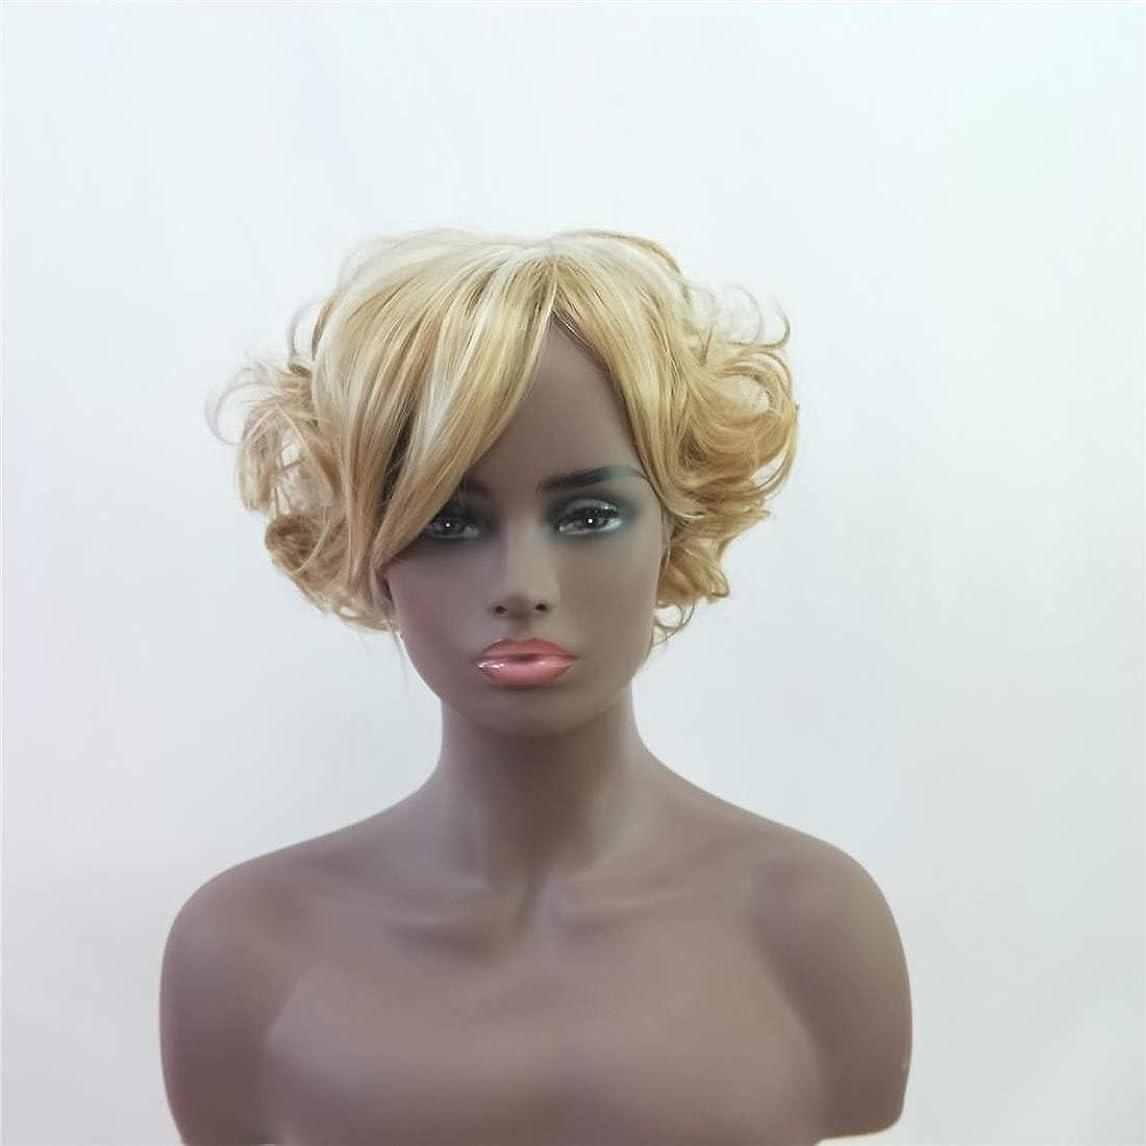 悪性戦略排気Koloeplf 女性のための短い巻き毛のかつらかつら前髪付きかつら人工毛髪かつら自然なかつら